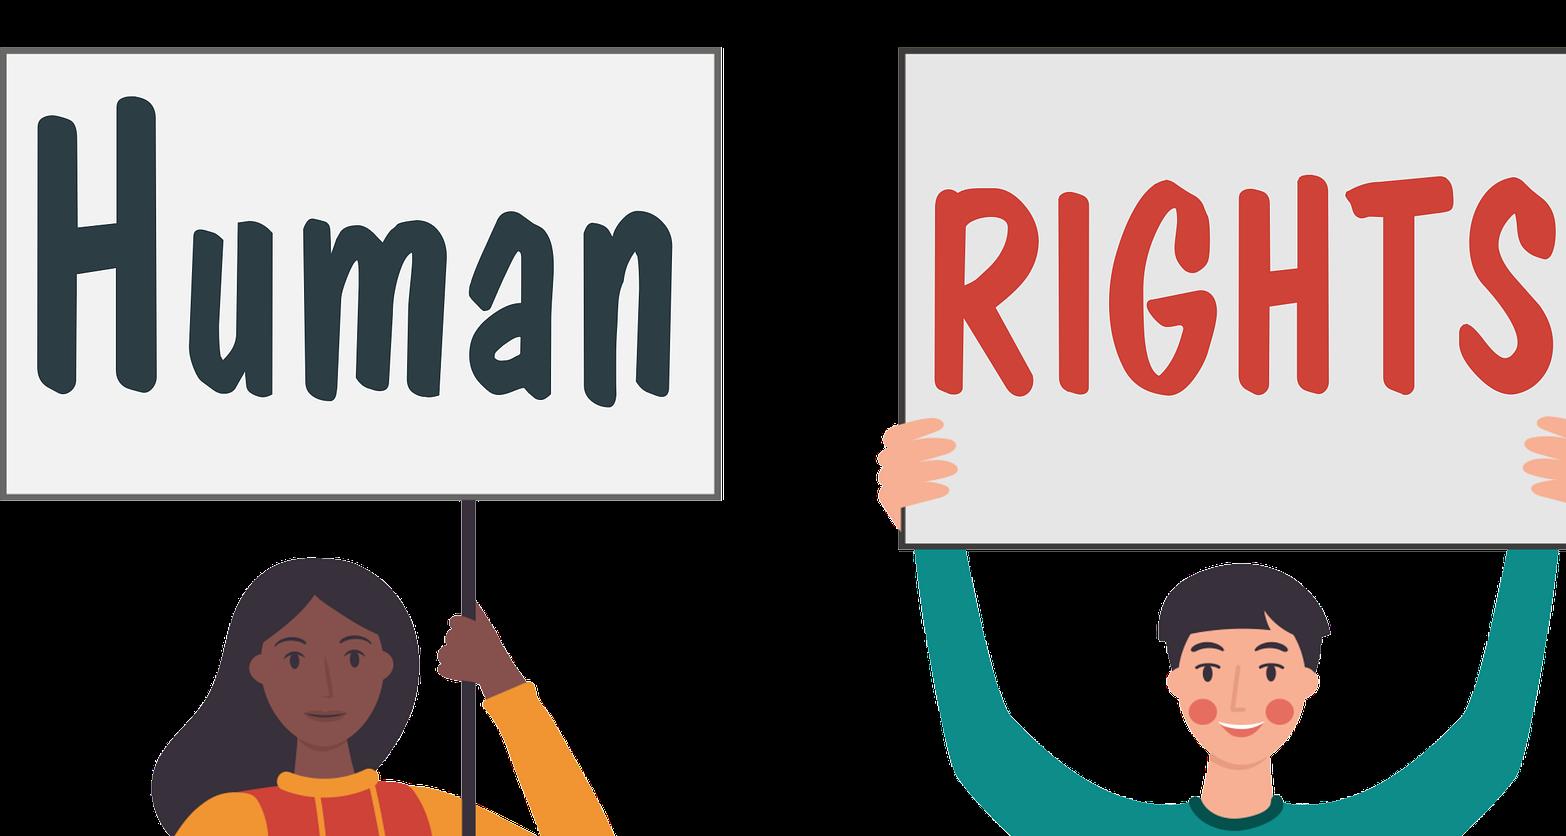 Vyšla nová publikácia doc. Fridricha o ľudských právach v súvislosti so zahraničnou politikou EÚ